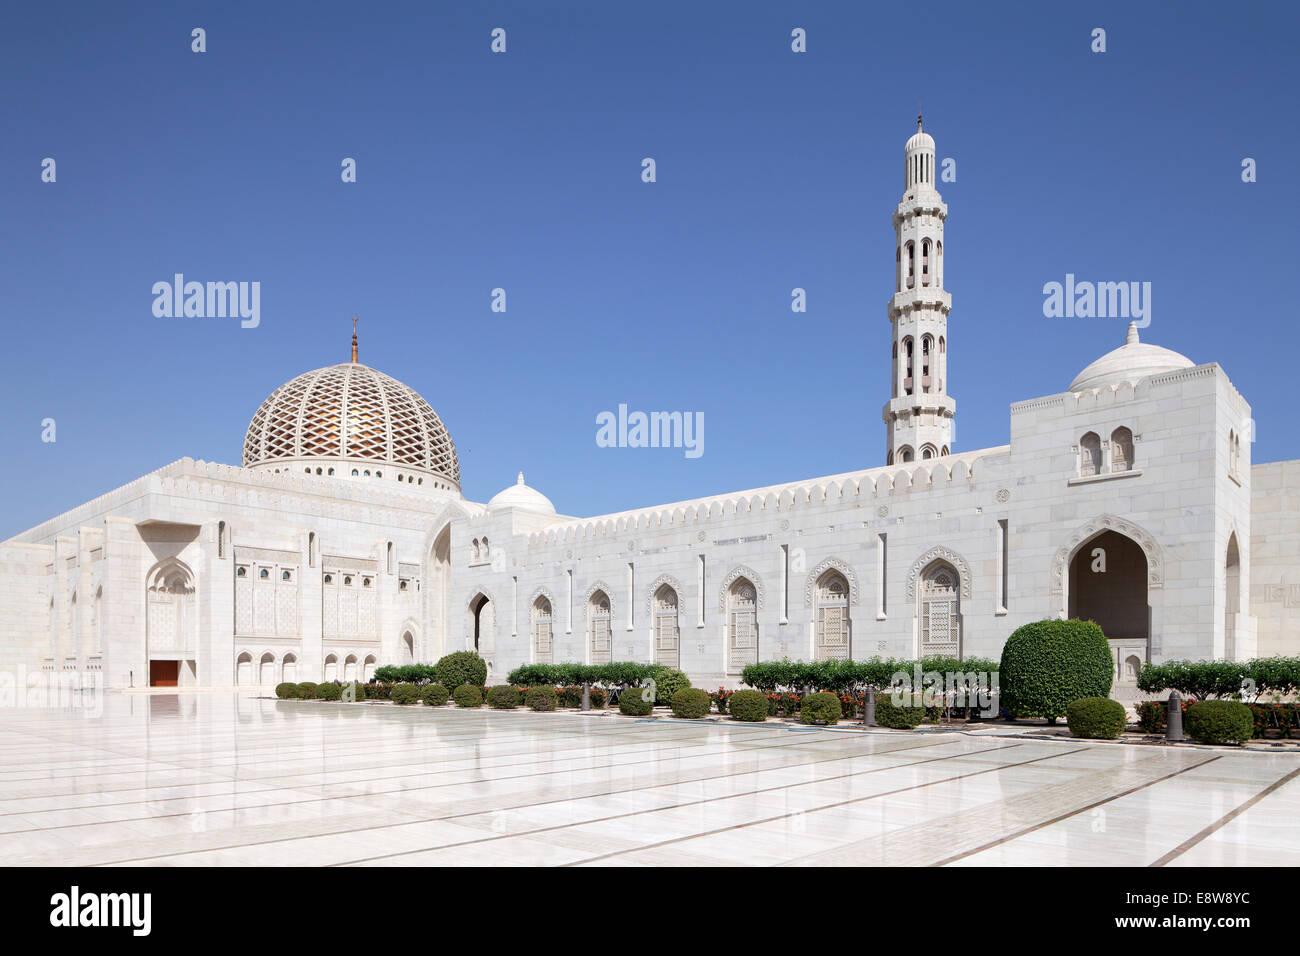 Gran Mezquita Sultan Qaboos, Muscat, Omán Imagen De Stock